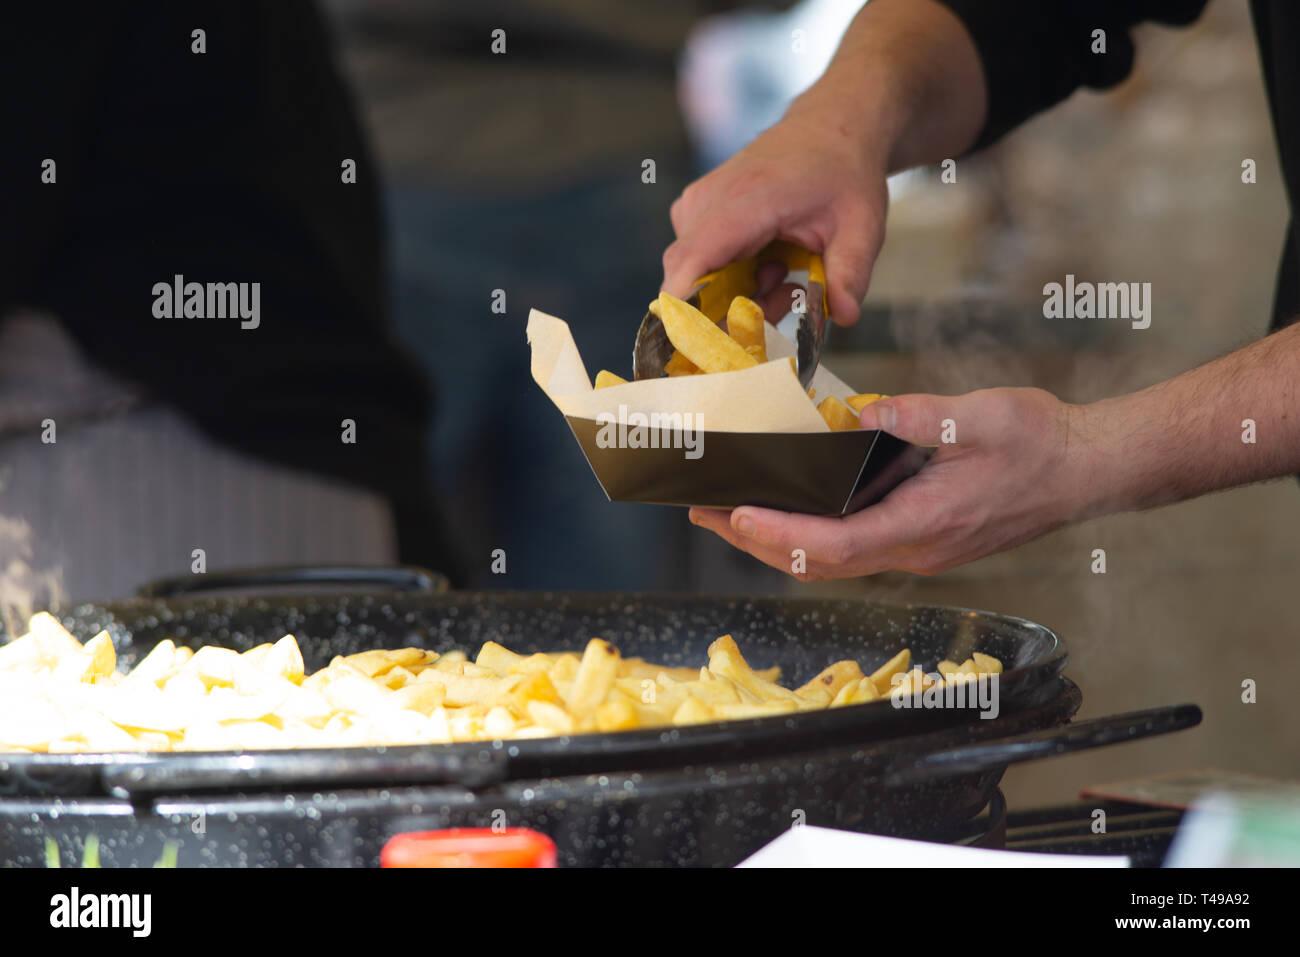 Hombre sirviendo chips en papel absorbente y caja Imagen De Stock